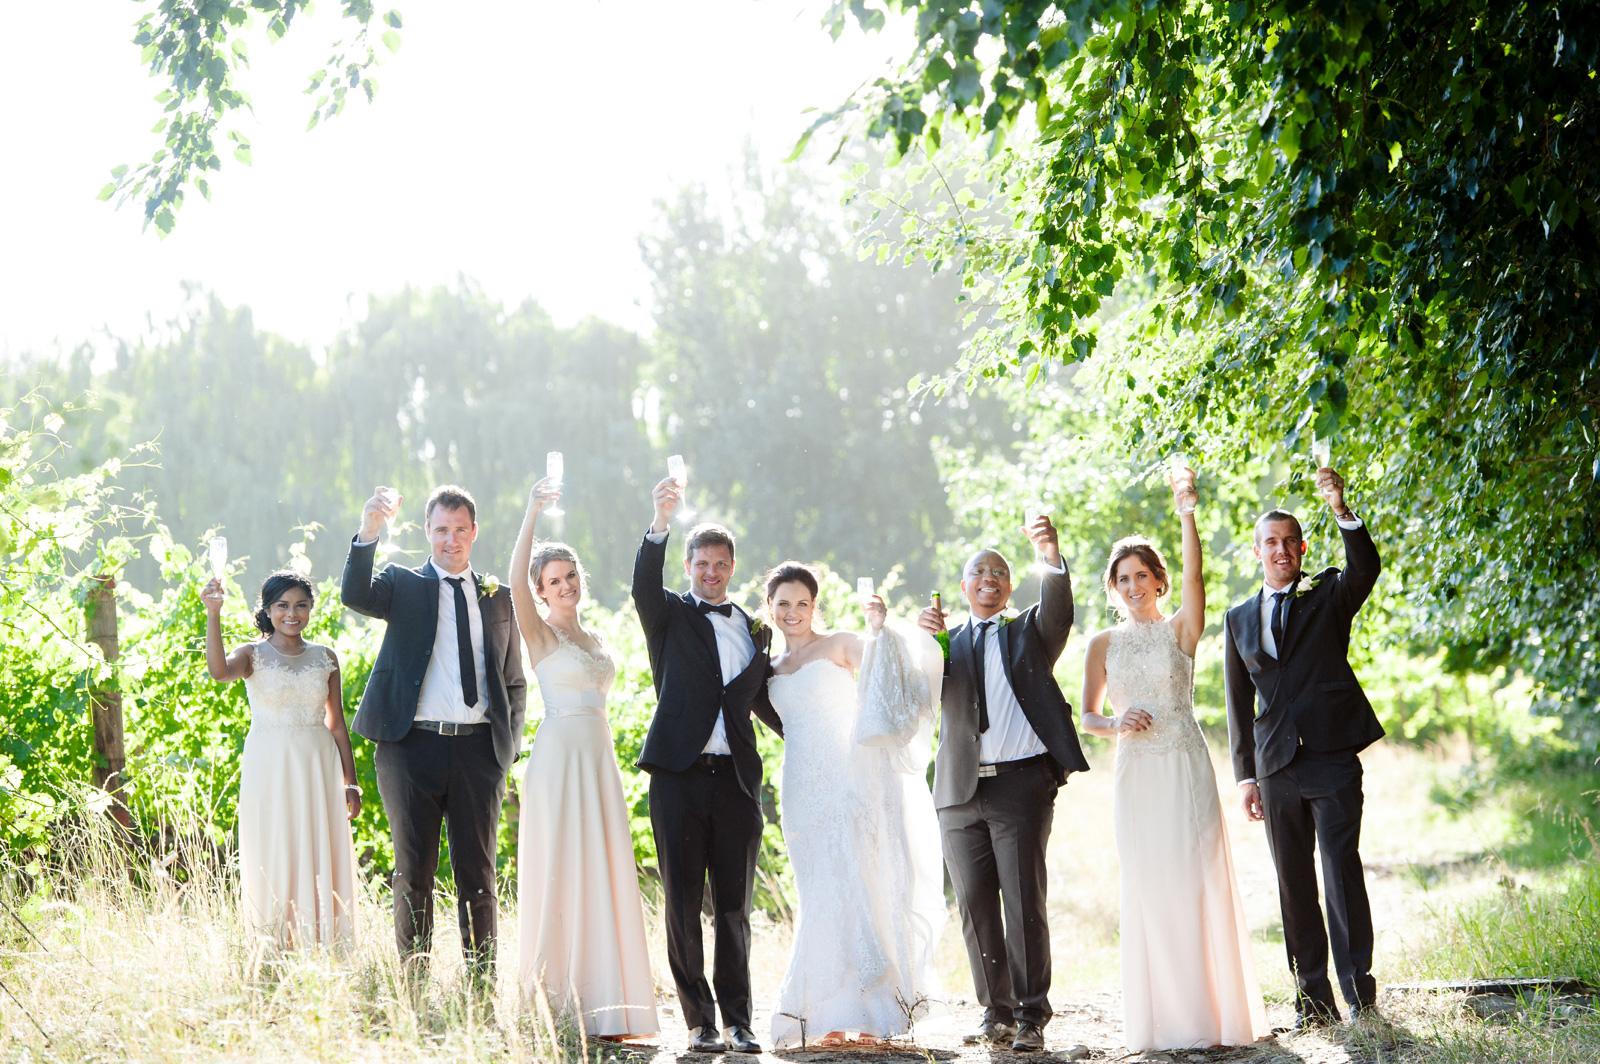 Bridal party in vineyard